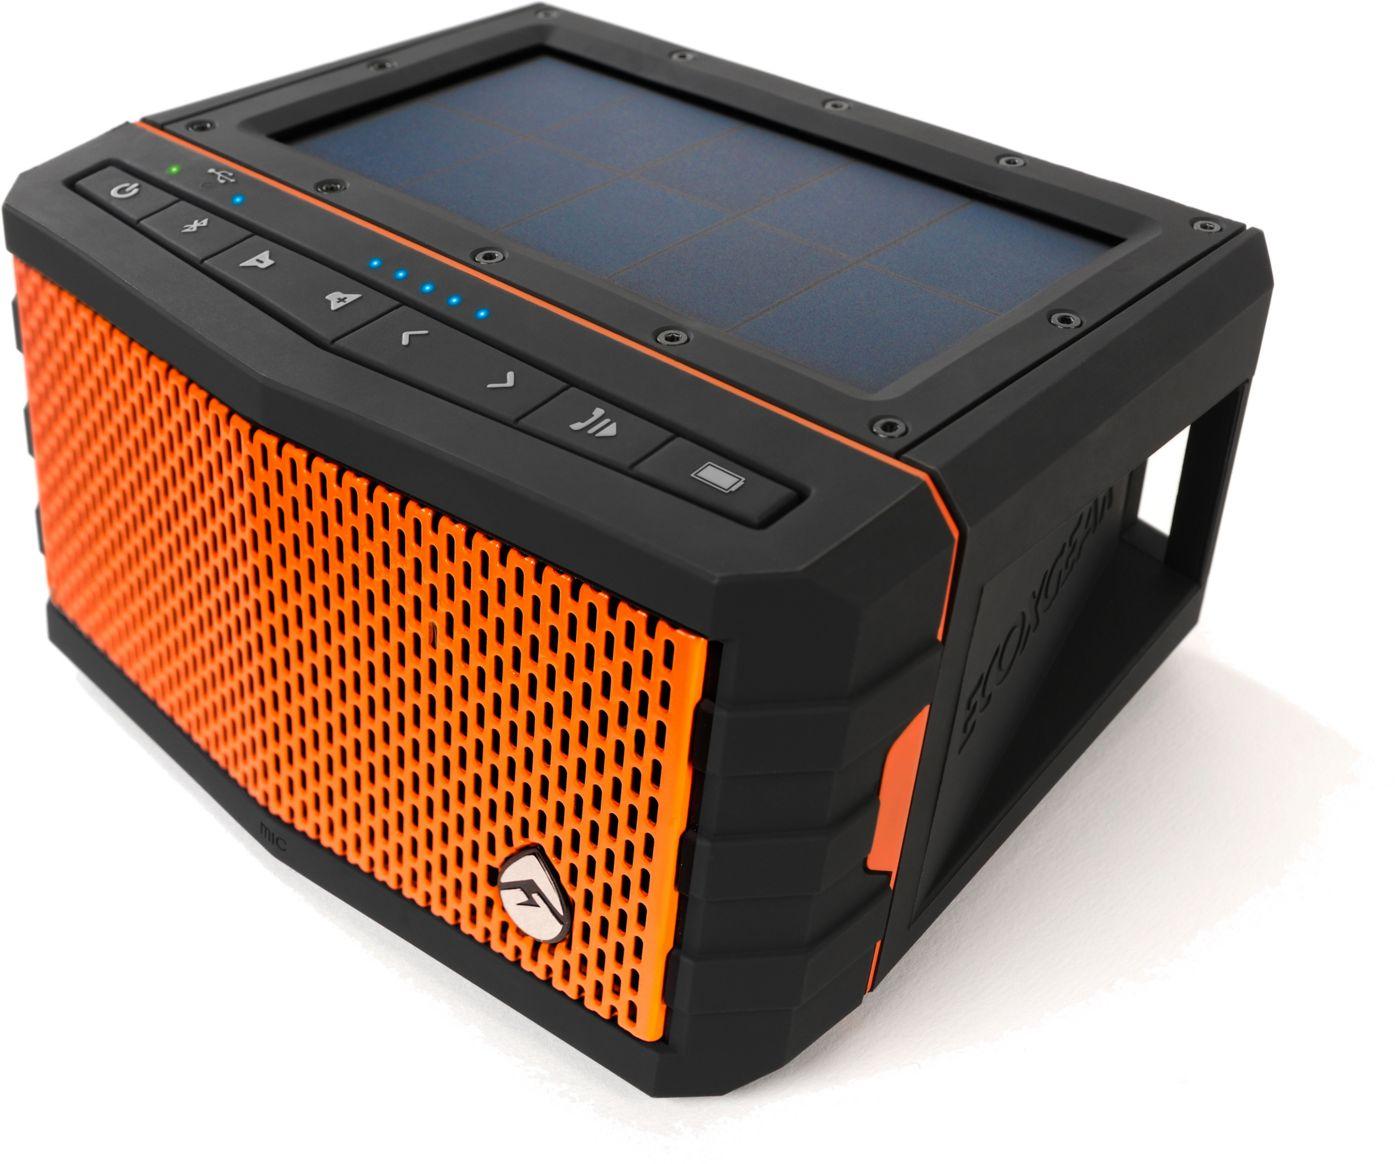 ECOXGEAR SolJam Portable Speaker